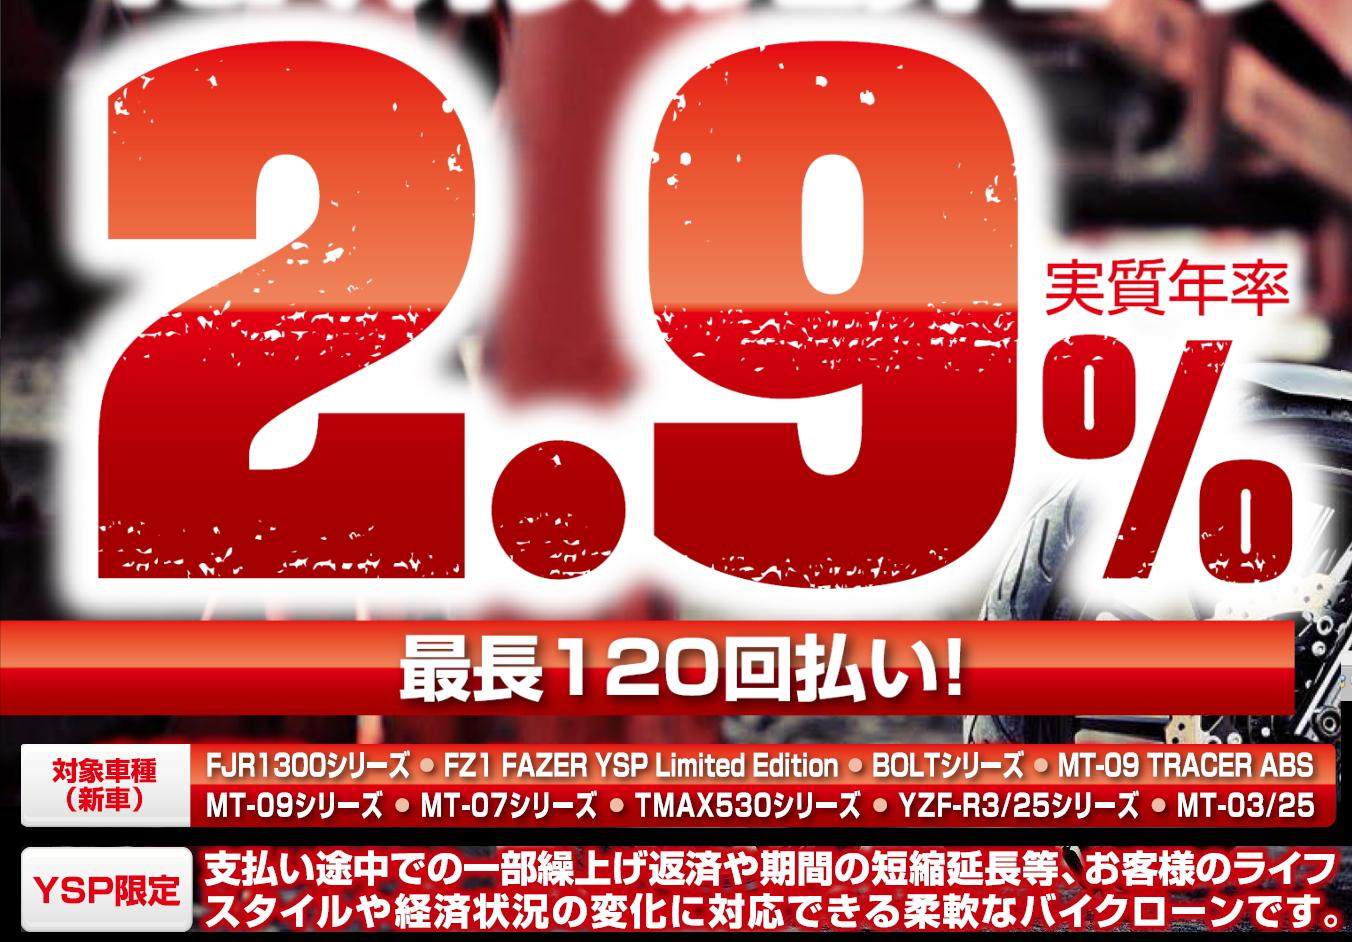 20160129キャンペーン05